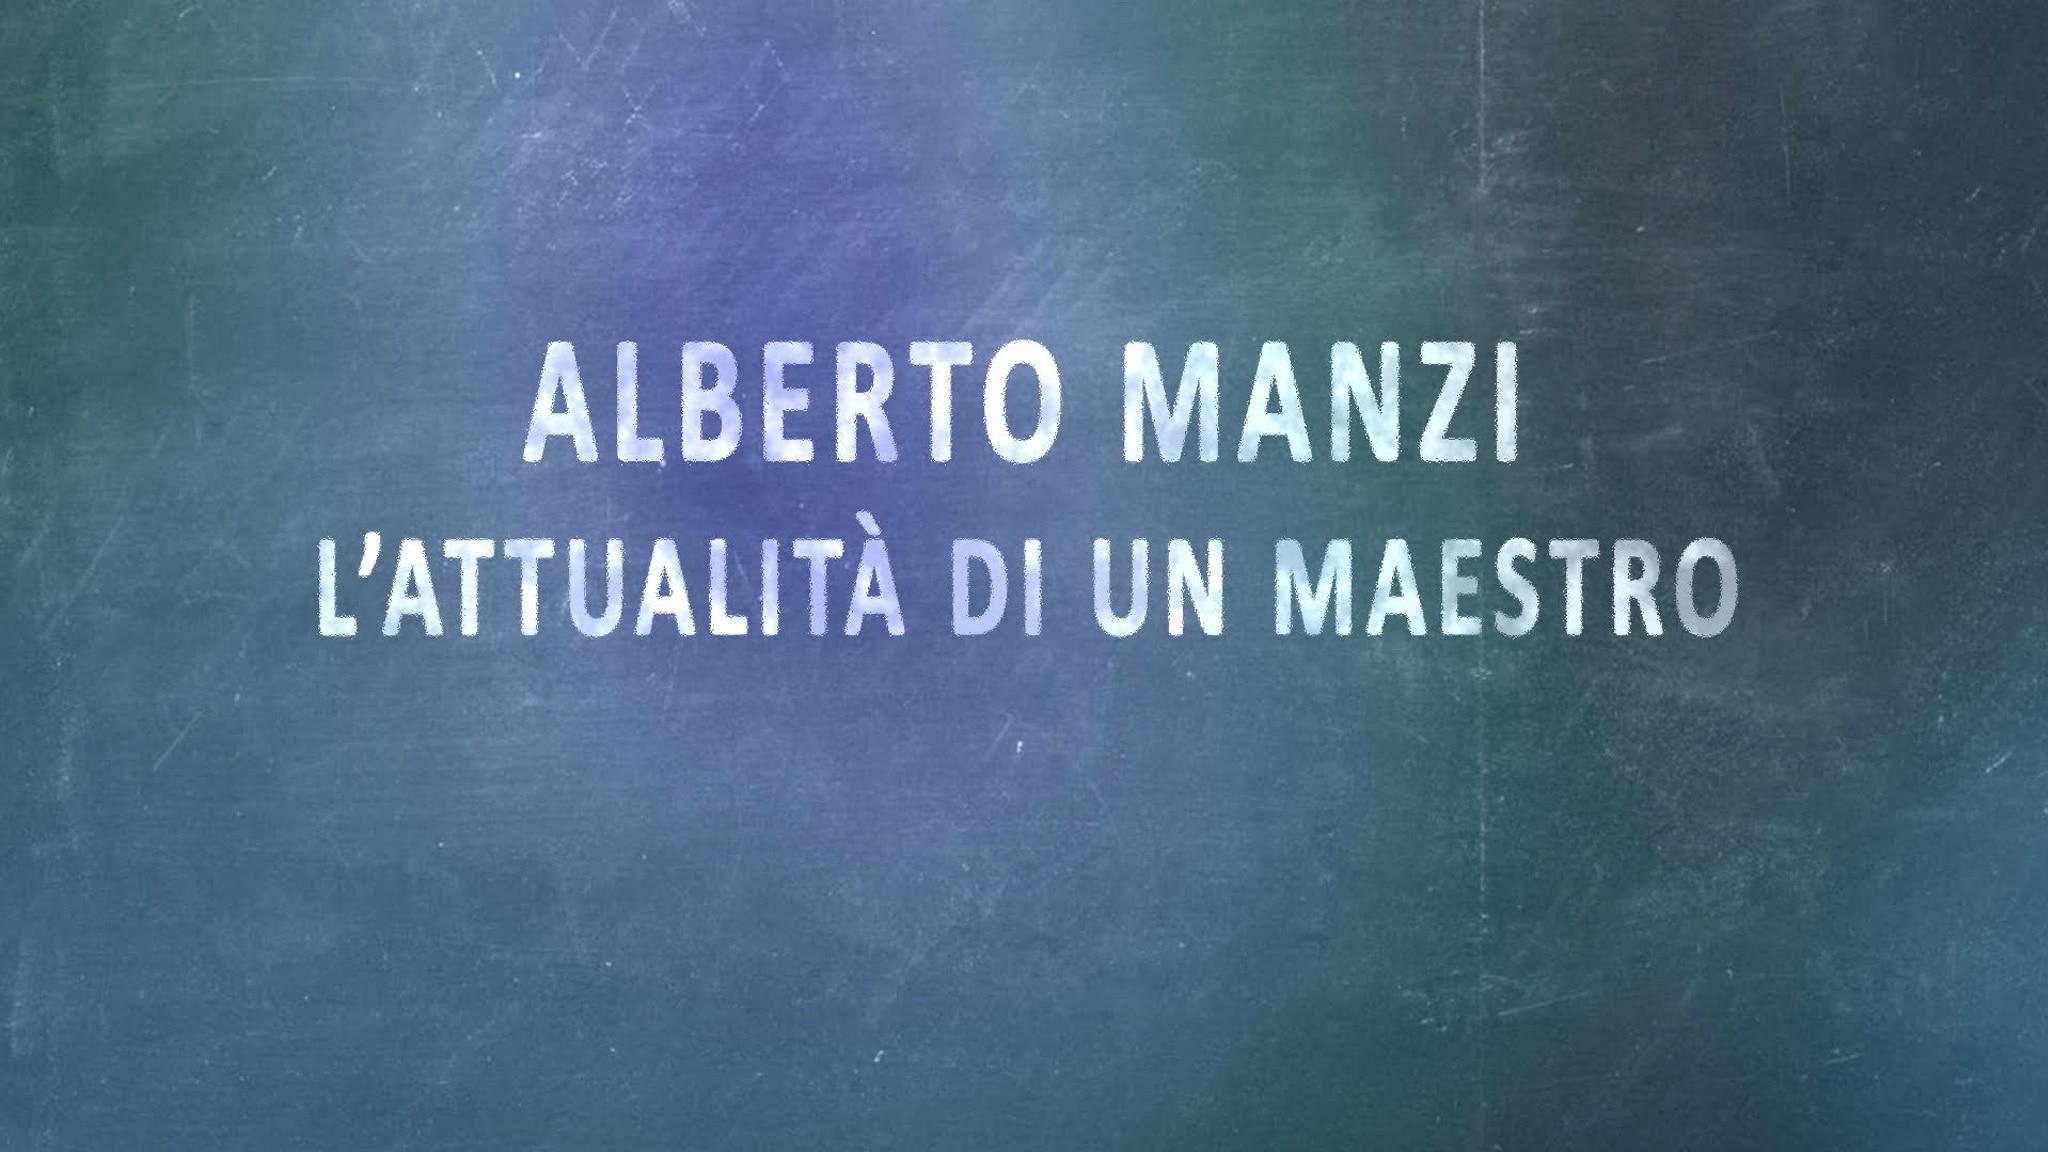 Rai Scuola Alberto Manzi. L'attualità di un Maestro Misurare i perimetri delle nuvole Replica